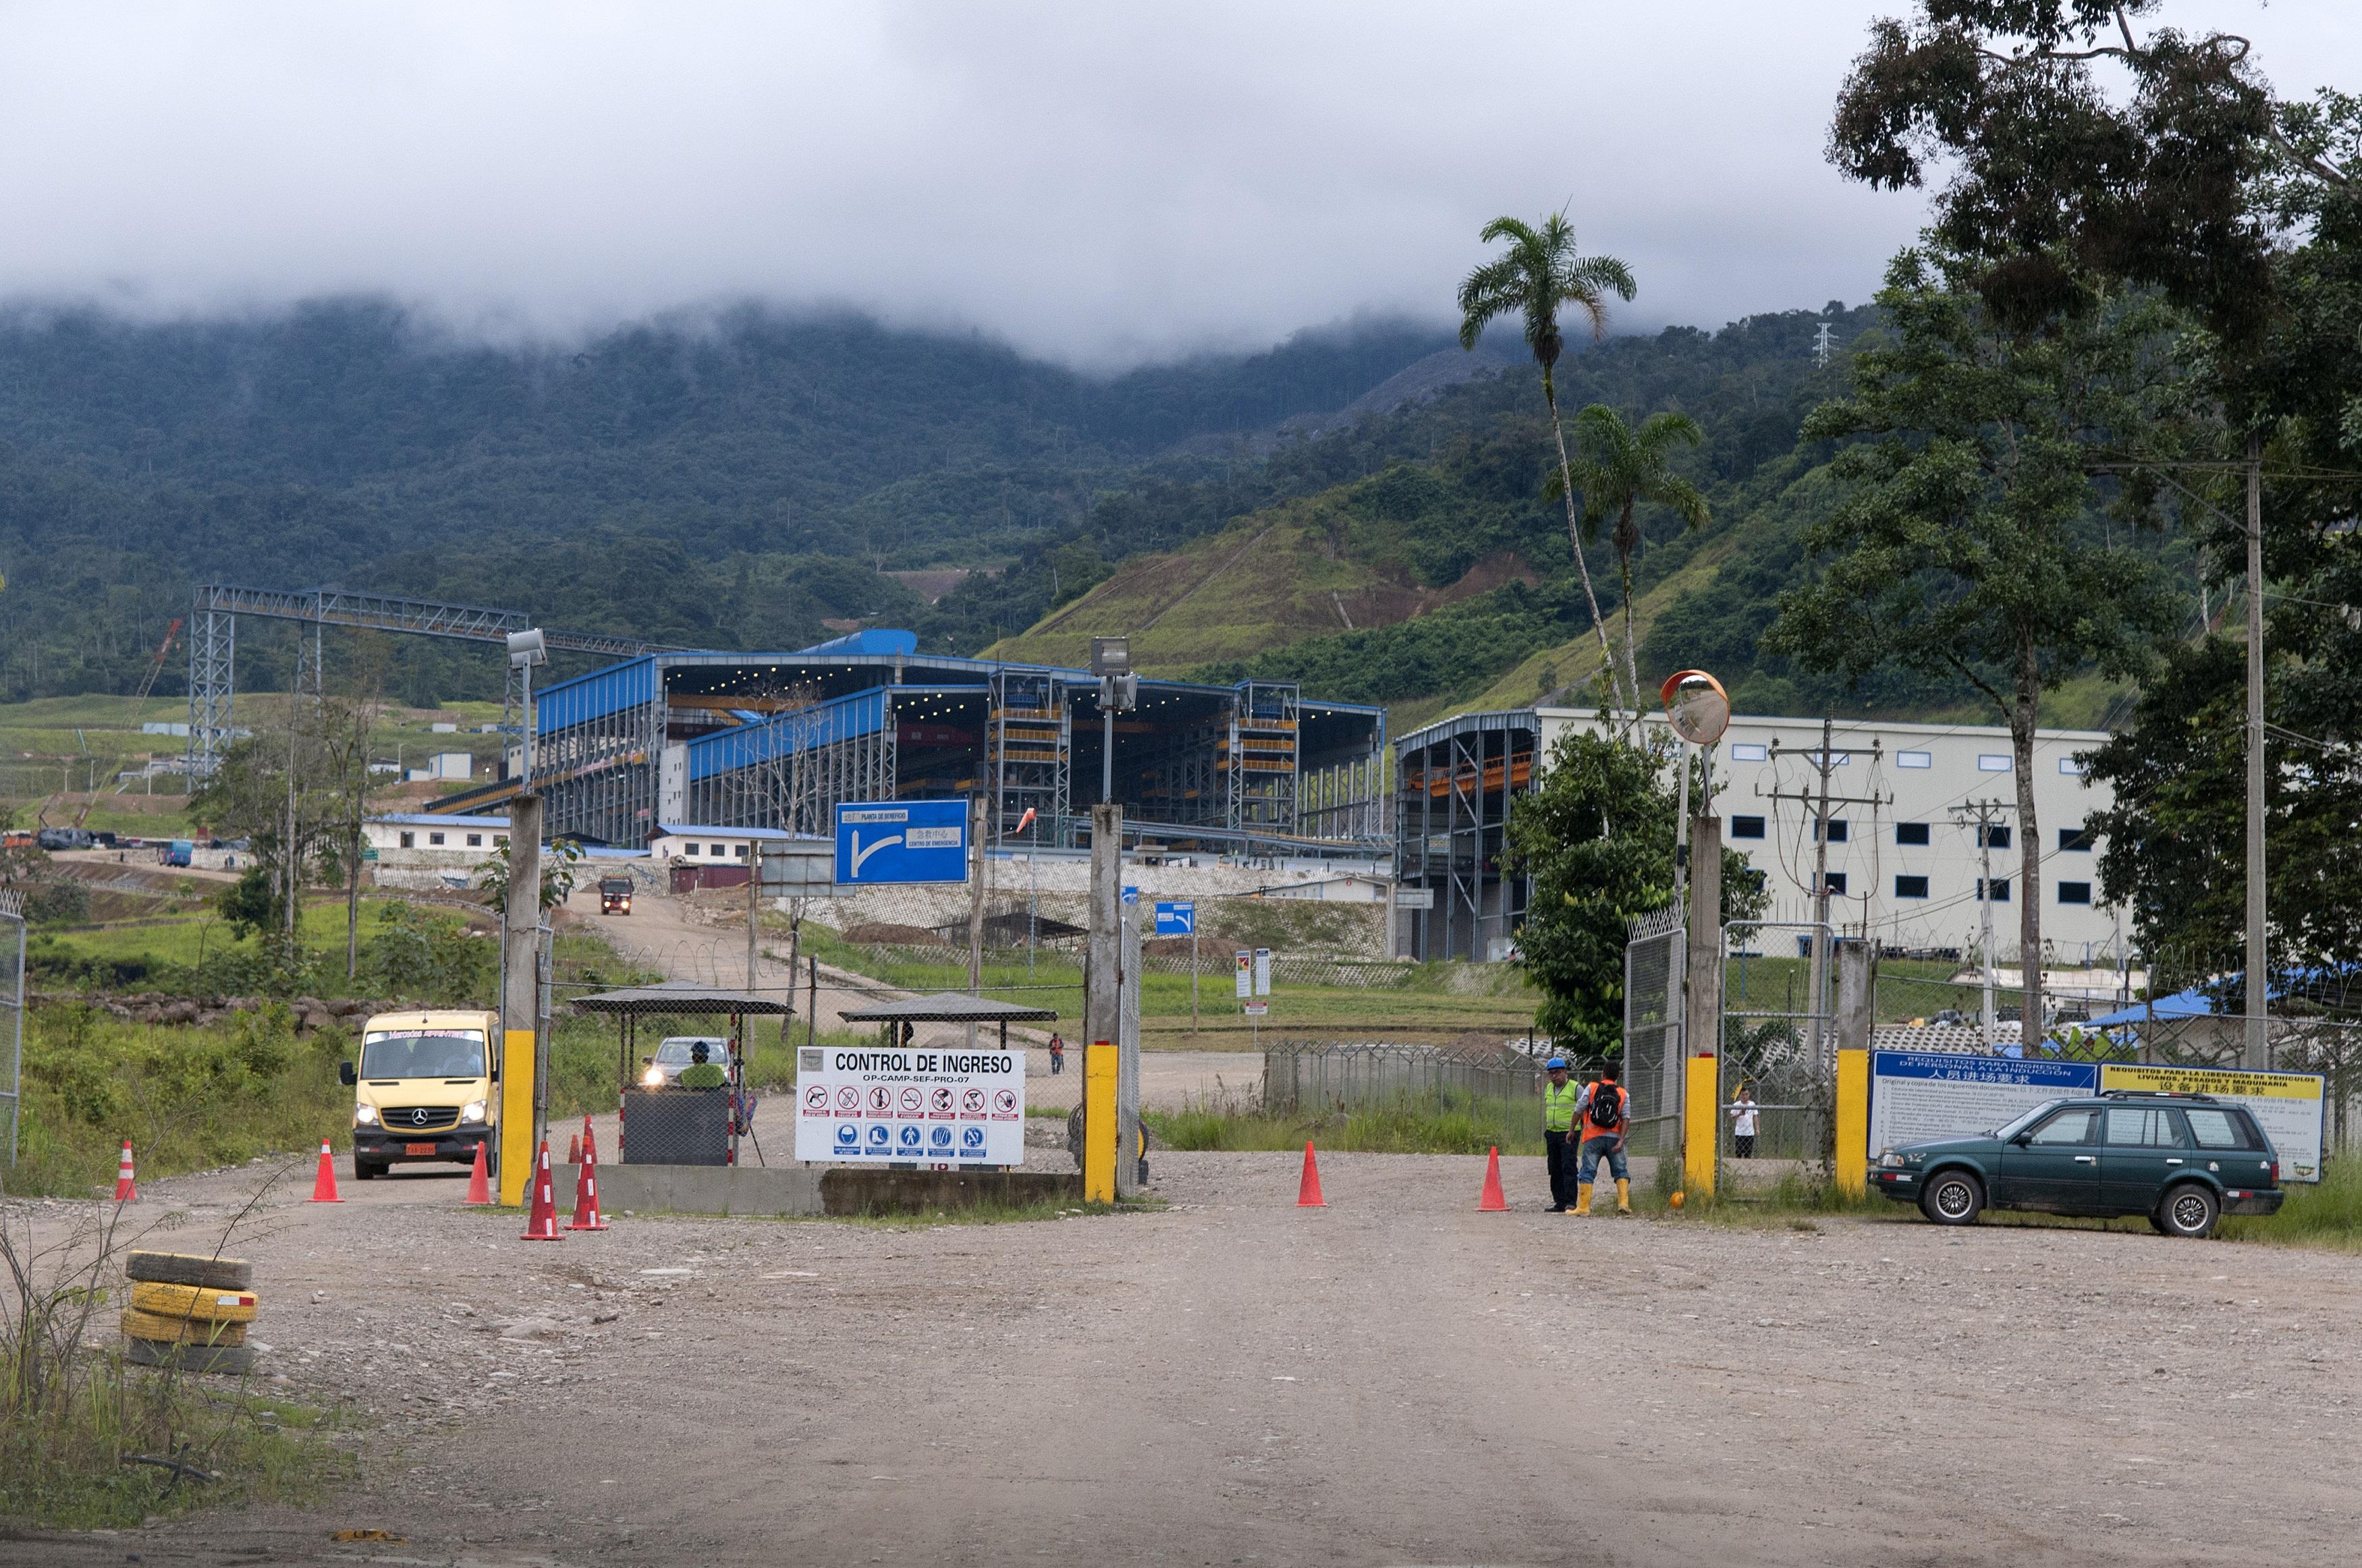 Campamento del Proyecto Mirador. Foto: Segundo Espín / Revista Vistazo.